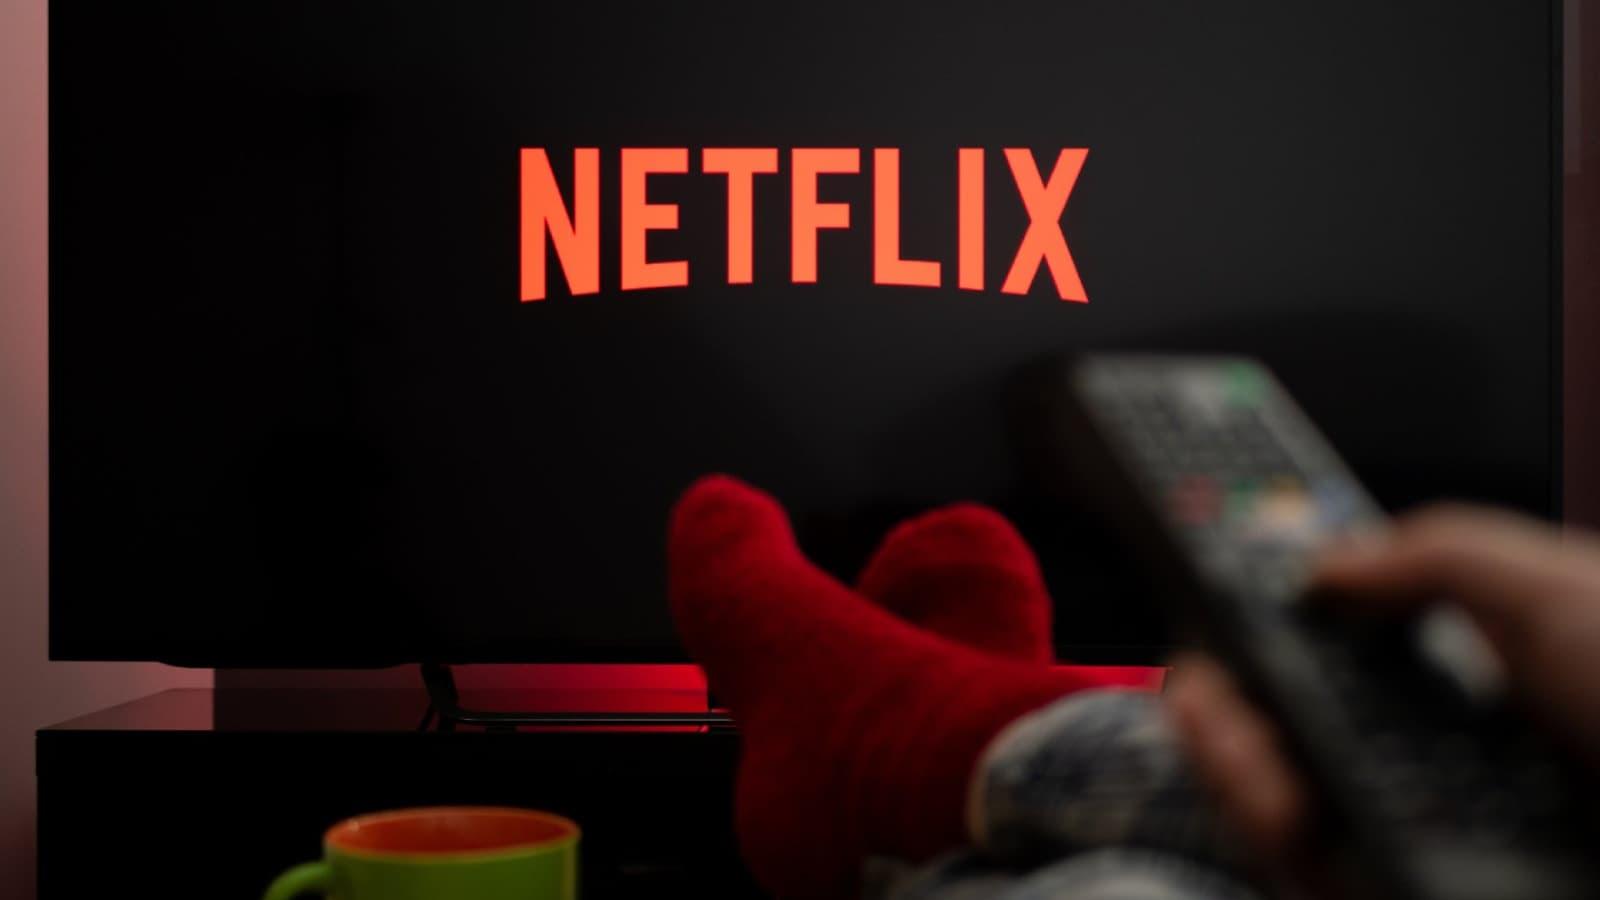 Ce soir, je chille devant Netflix